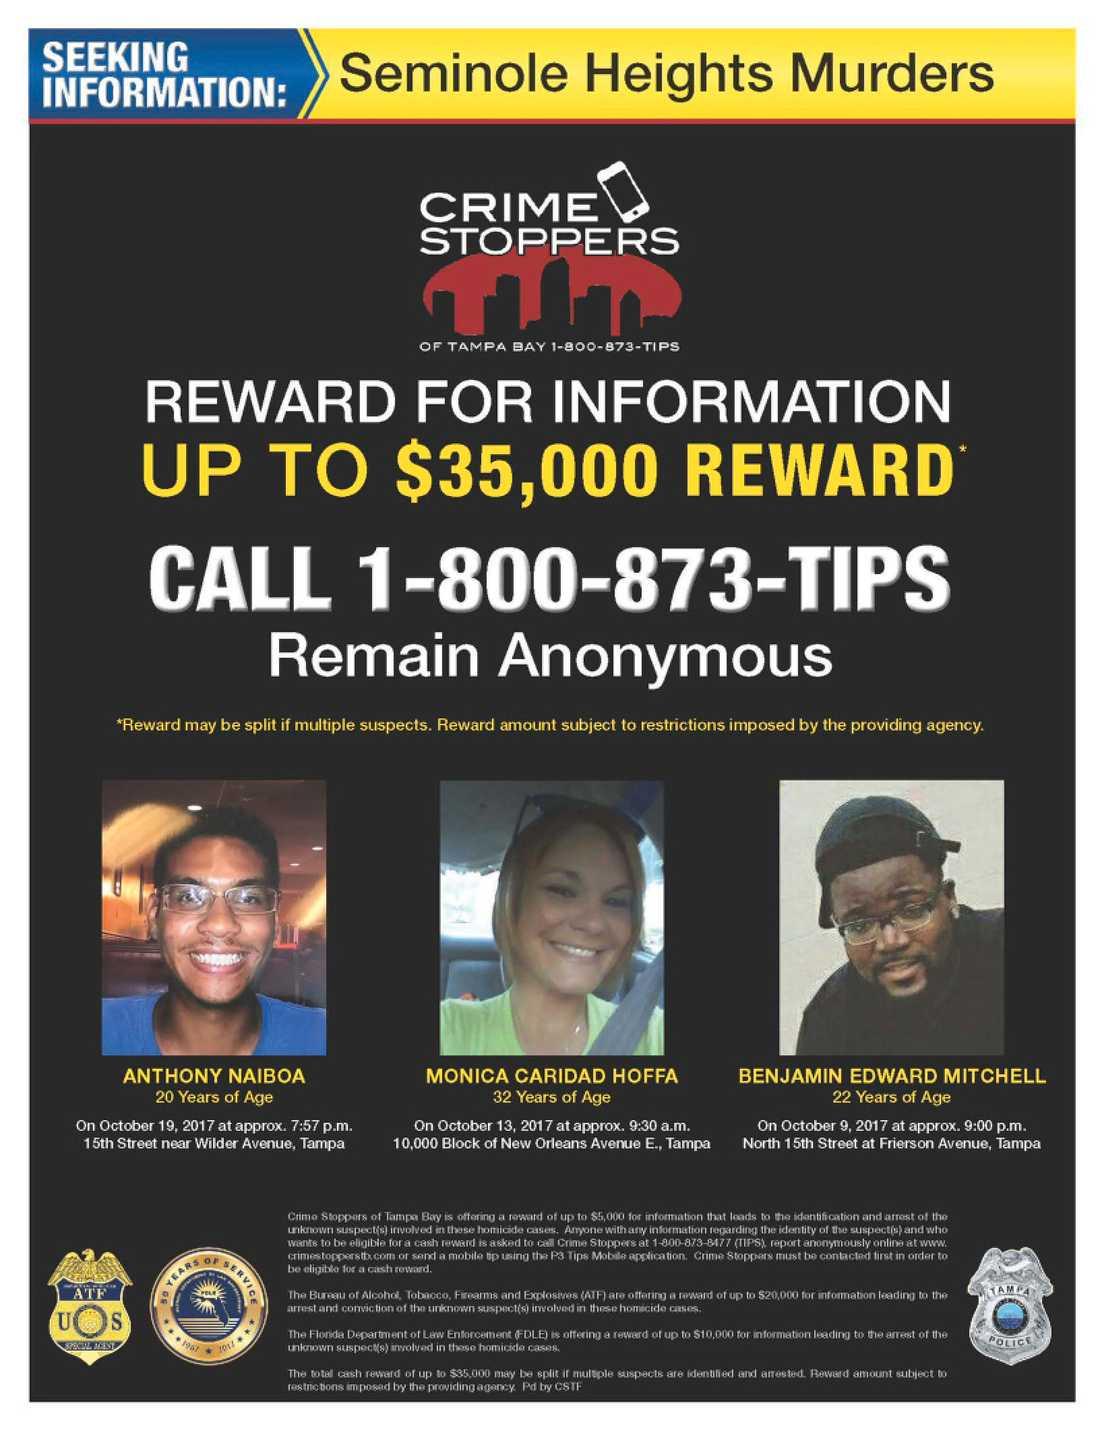 En affisch visar mördarens tre första offer och erbjuder upp till 35000 dollar i belöning för tips om morden.